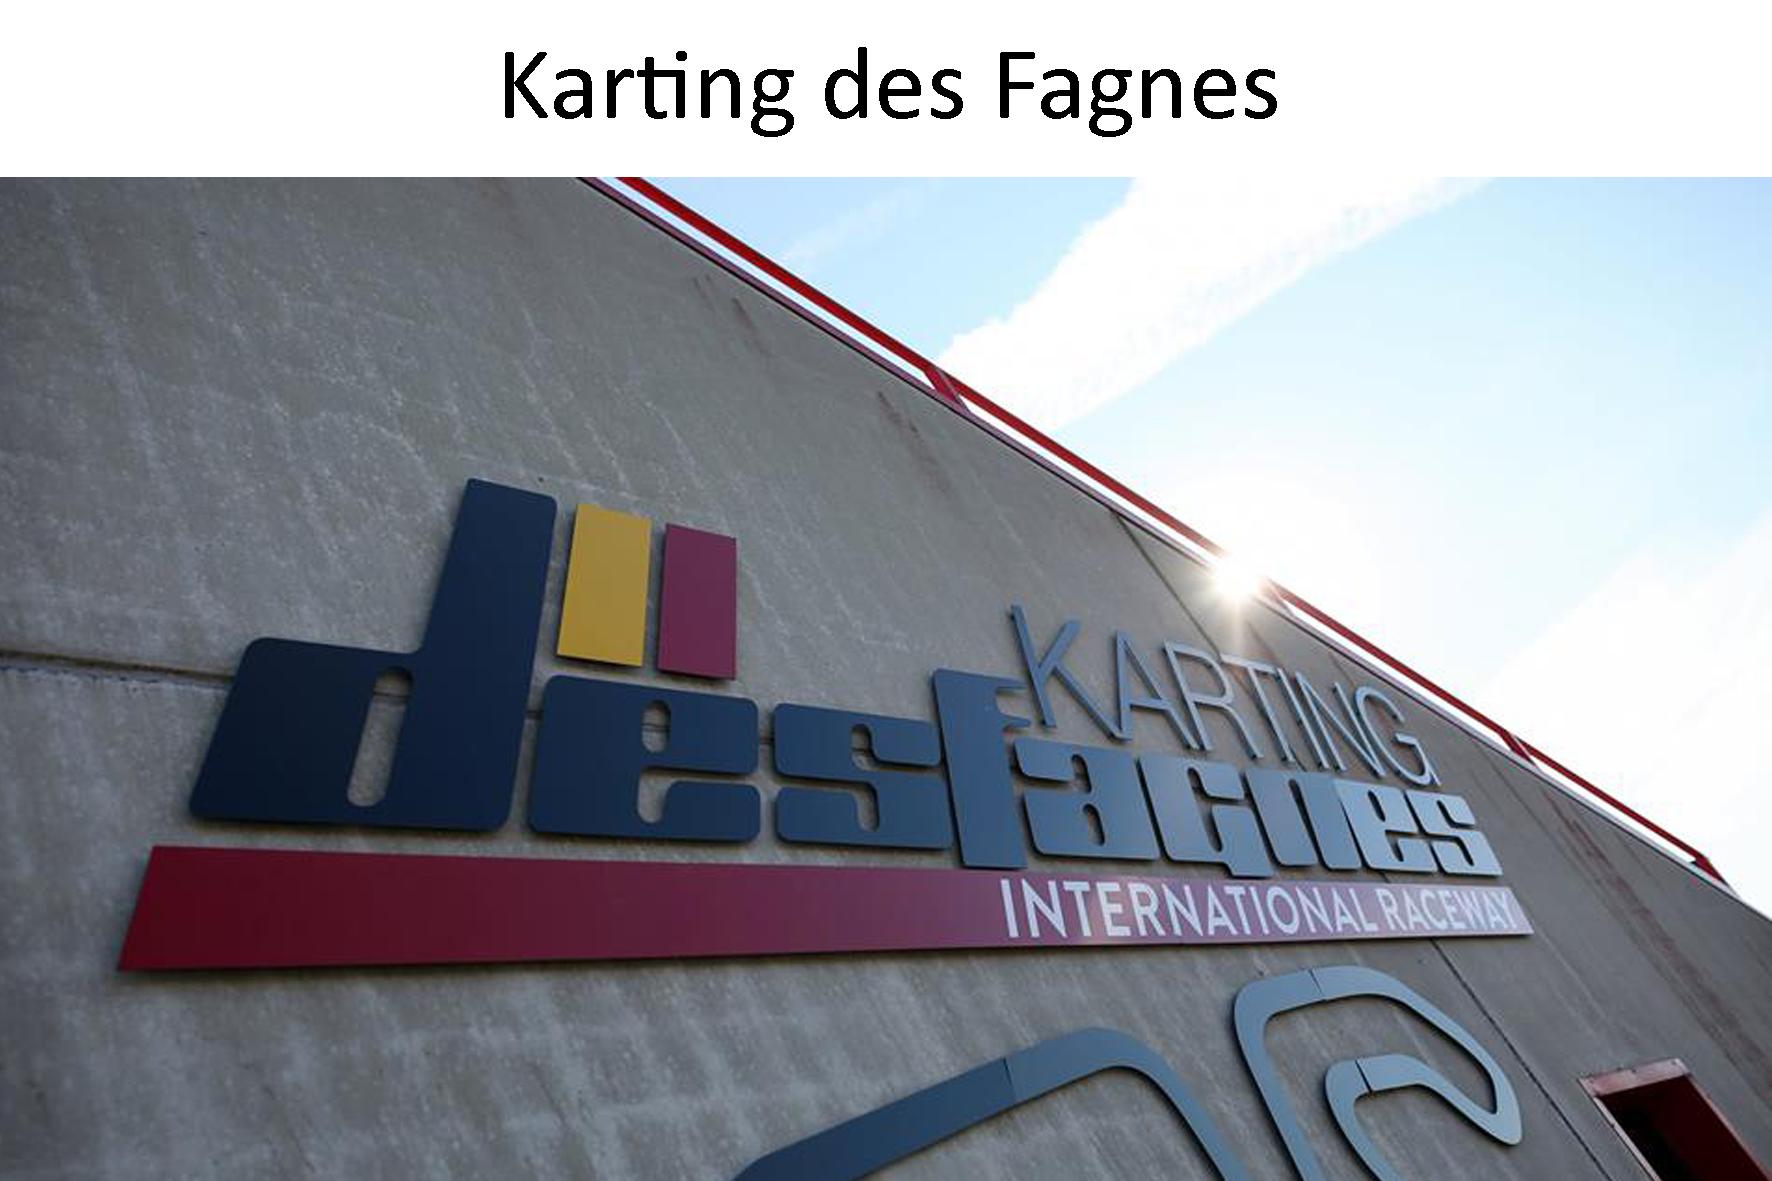 Karting des Fagnes